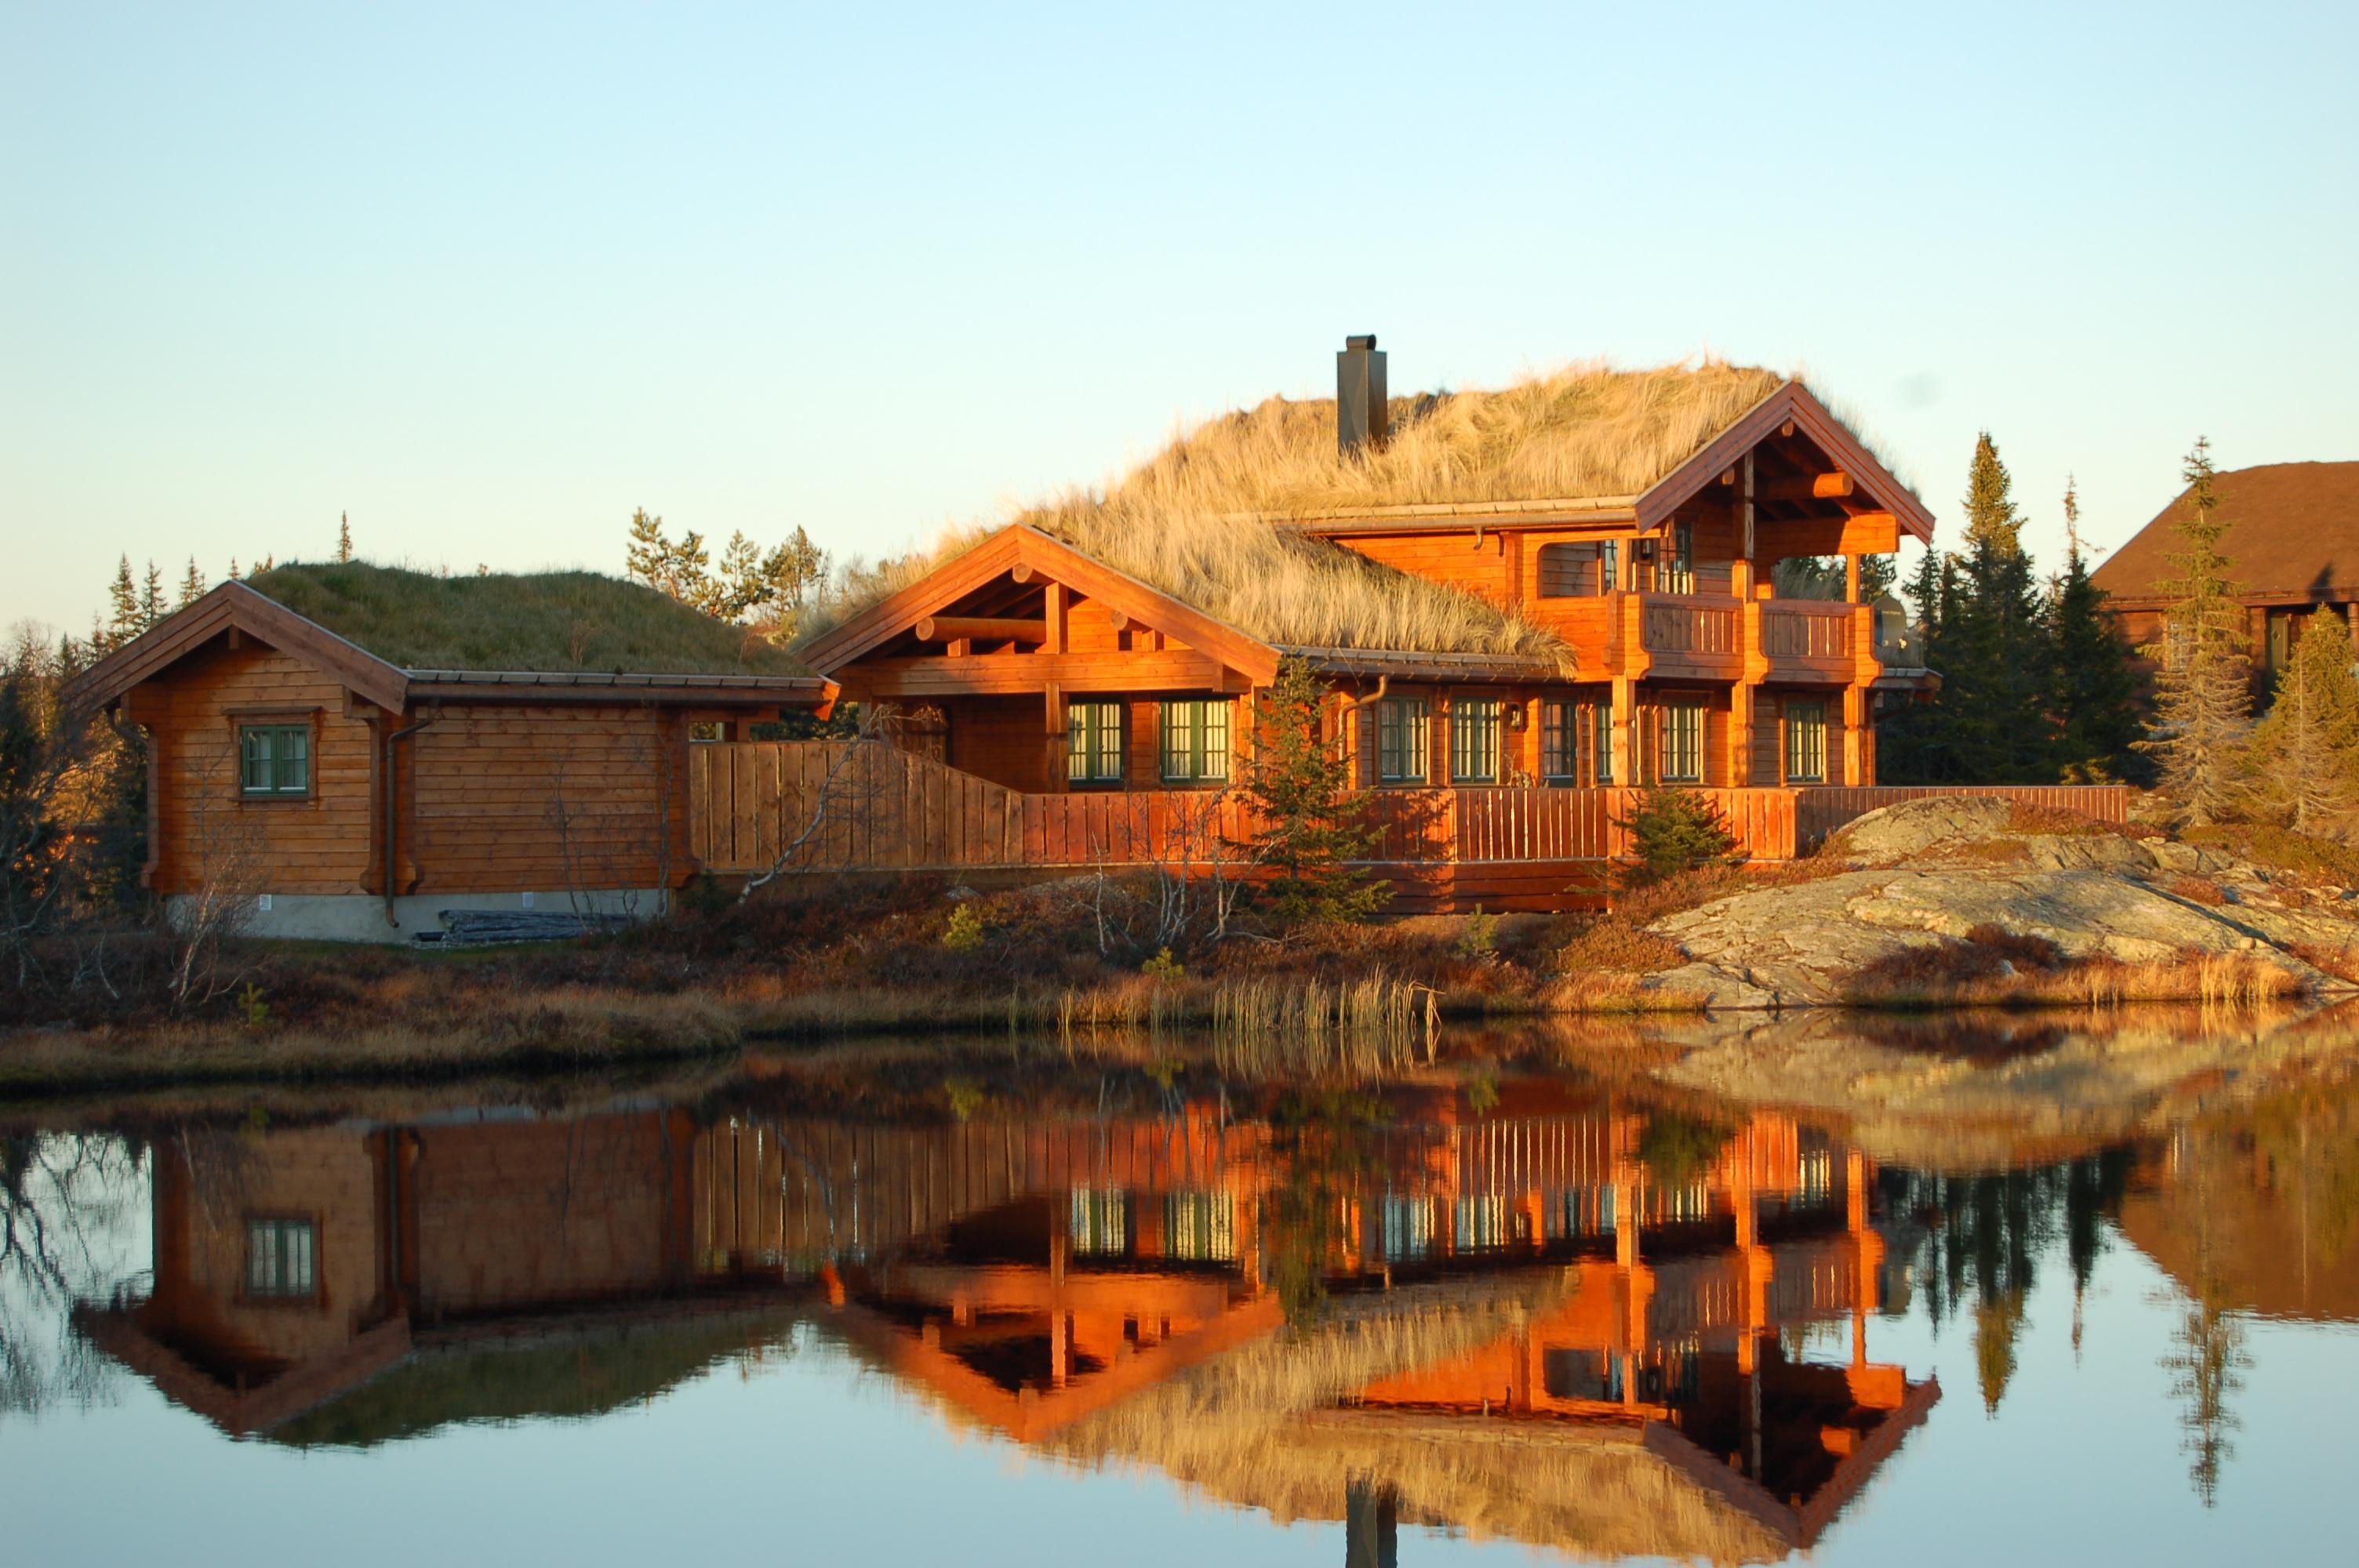 Vendita case in legno for Piccole planimetrie di casa di tronchi